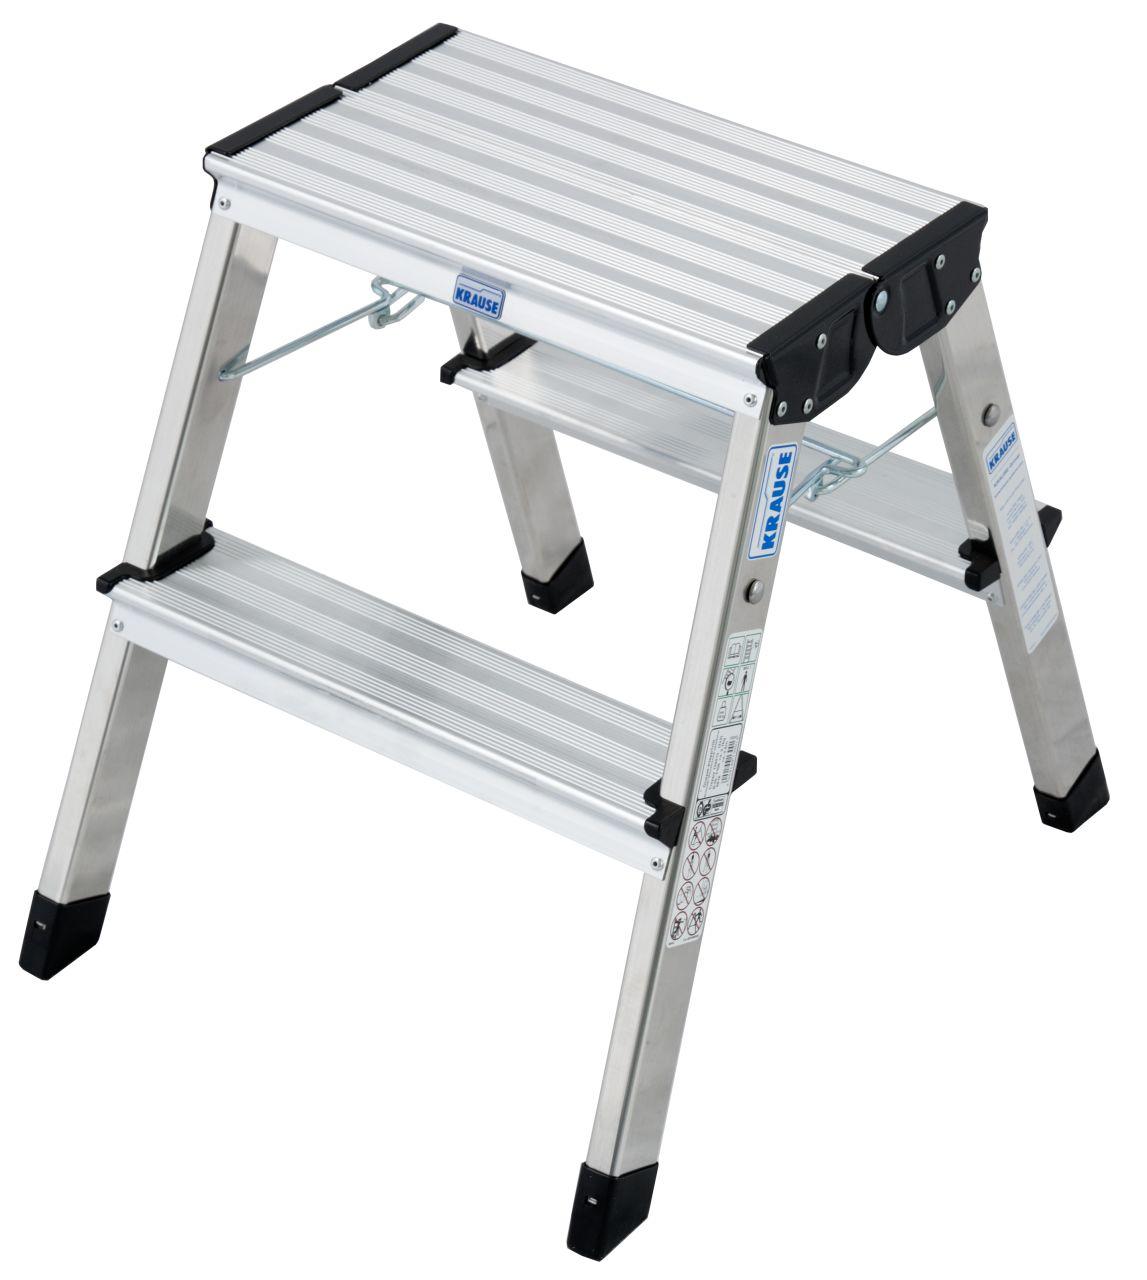 Складная подставка Treppy. Легкая и устойчивая складная подставка с большой площадкой